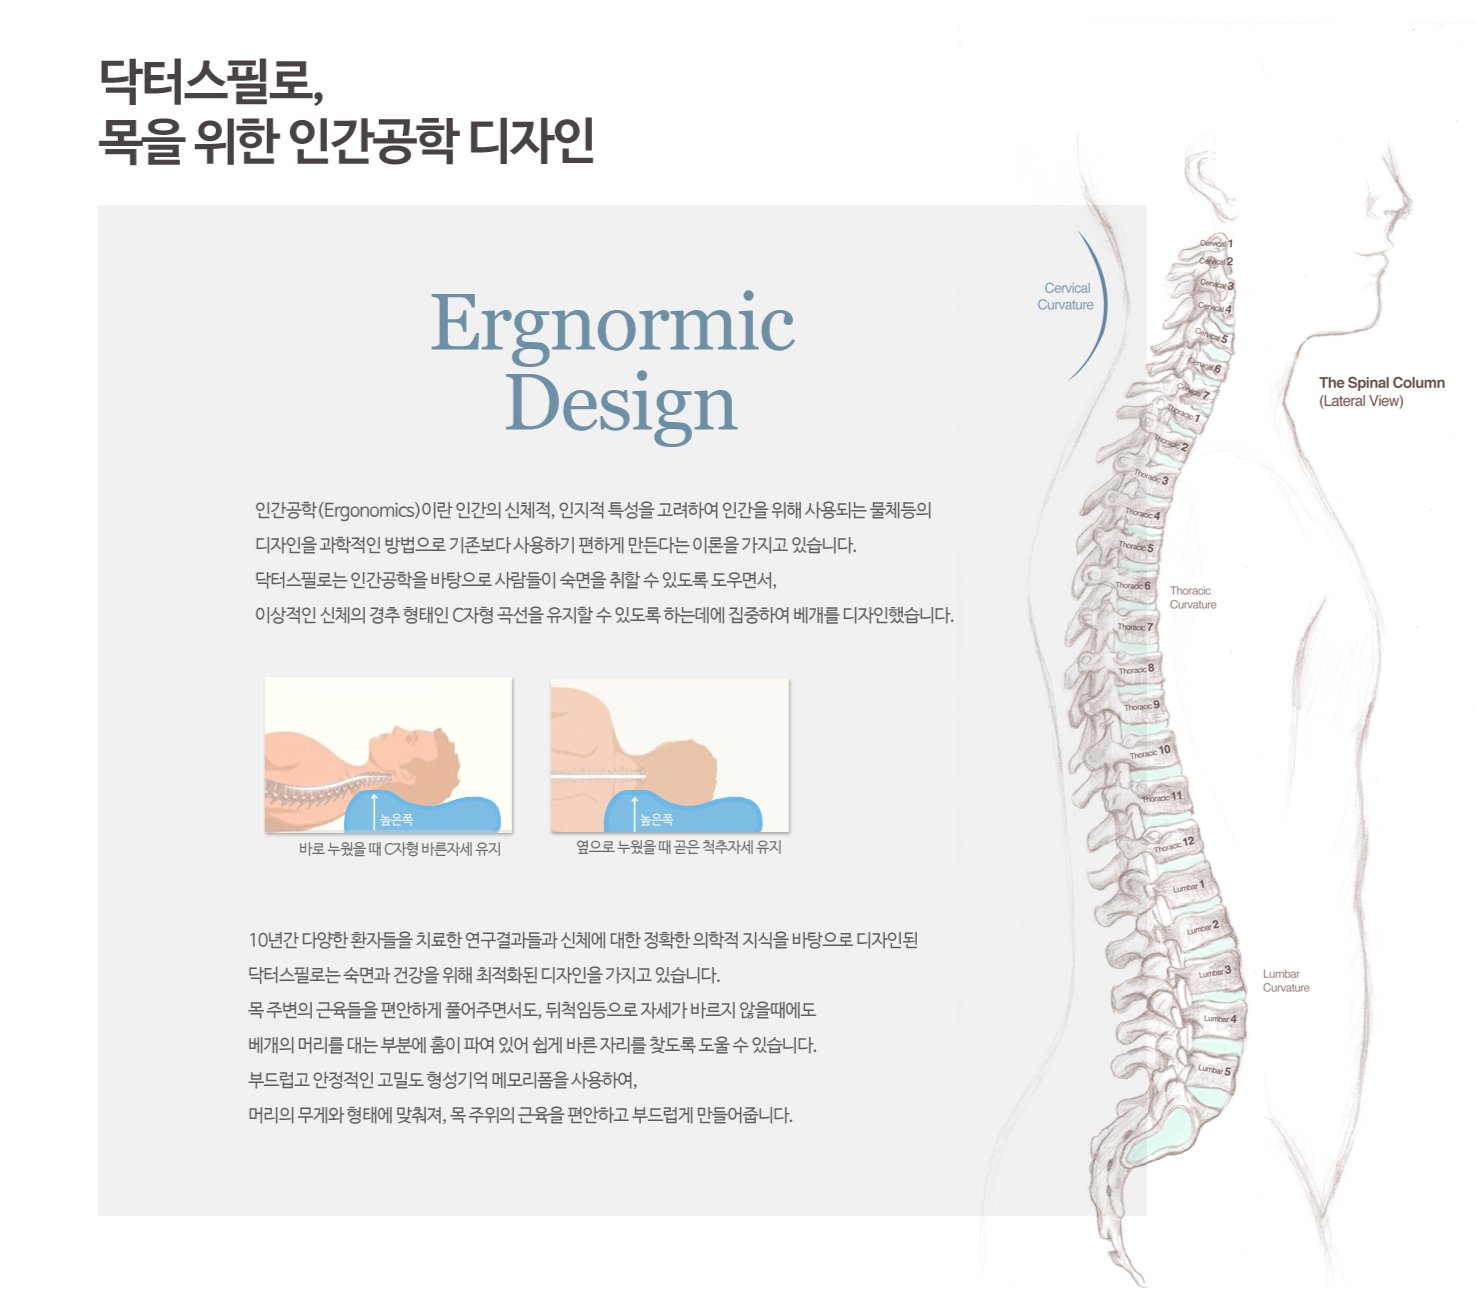 닥터스필로, 목을 위한 인간공학 디자인